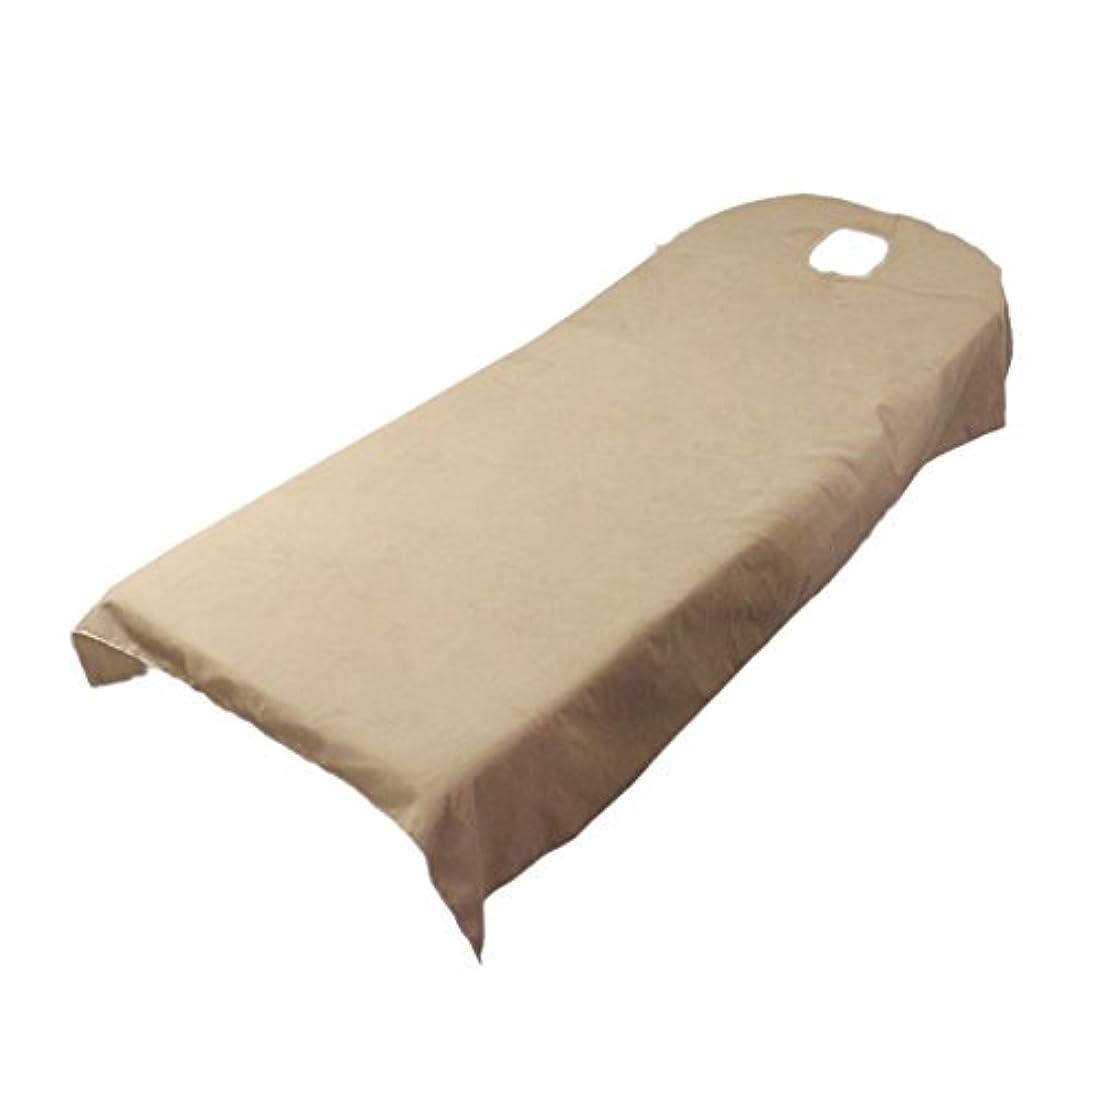 警告するほのめかすフェザー柔らかい ベッドカバー シート ホール付き 美容/マッサージ/スパ専用 全9色可選 - キャメル